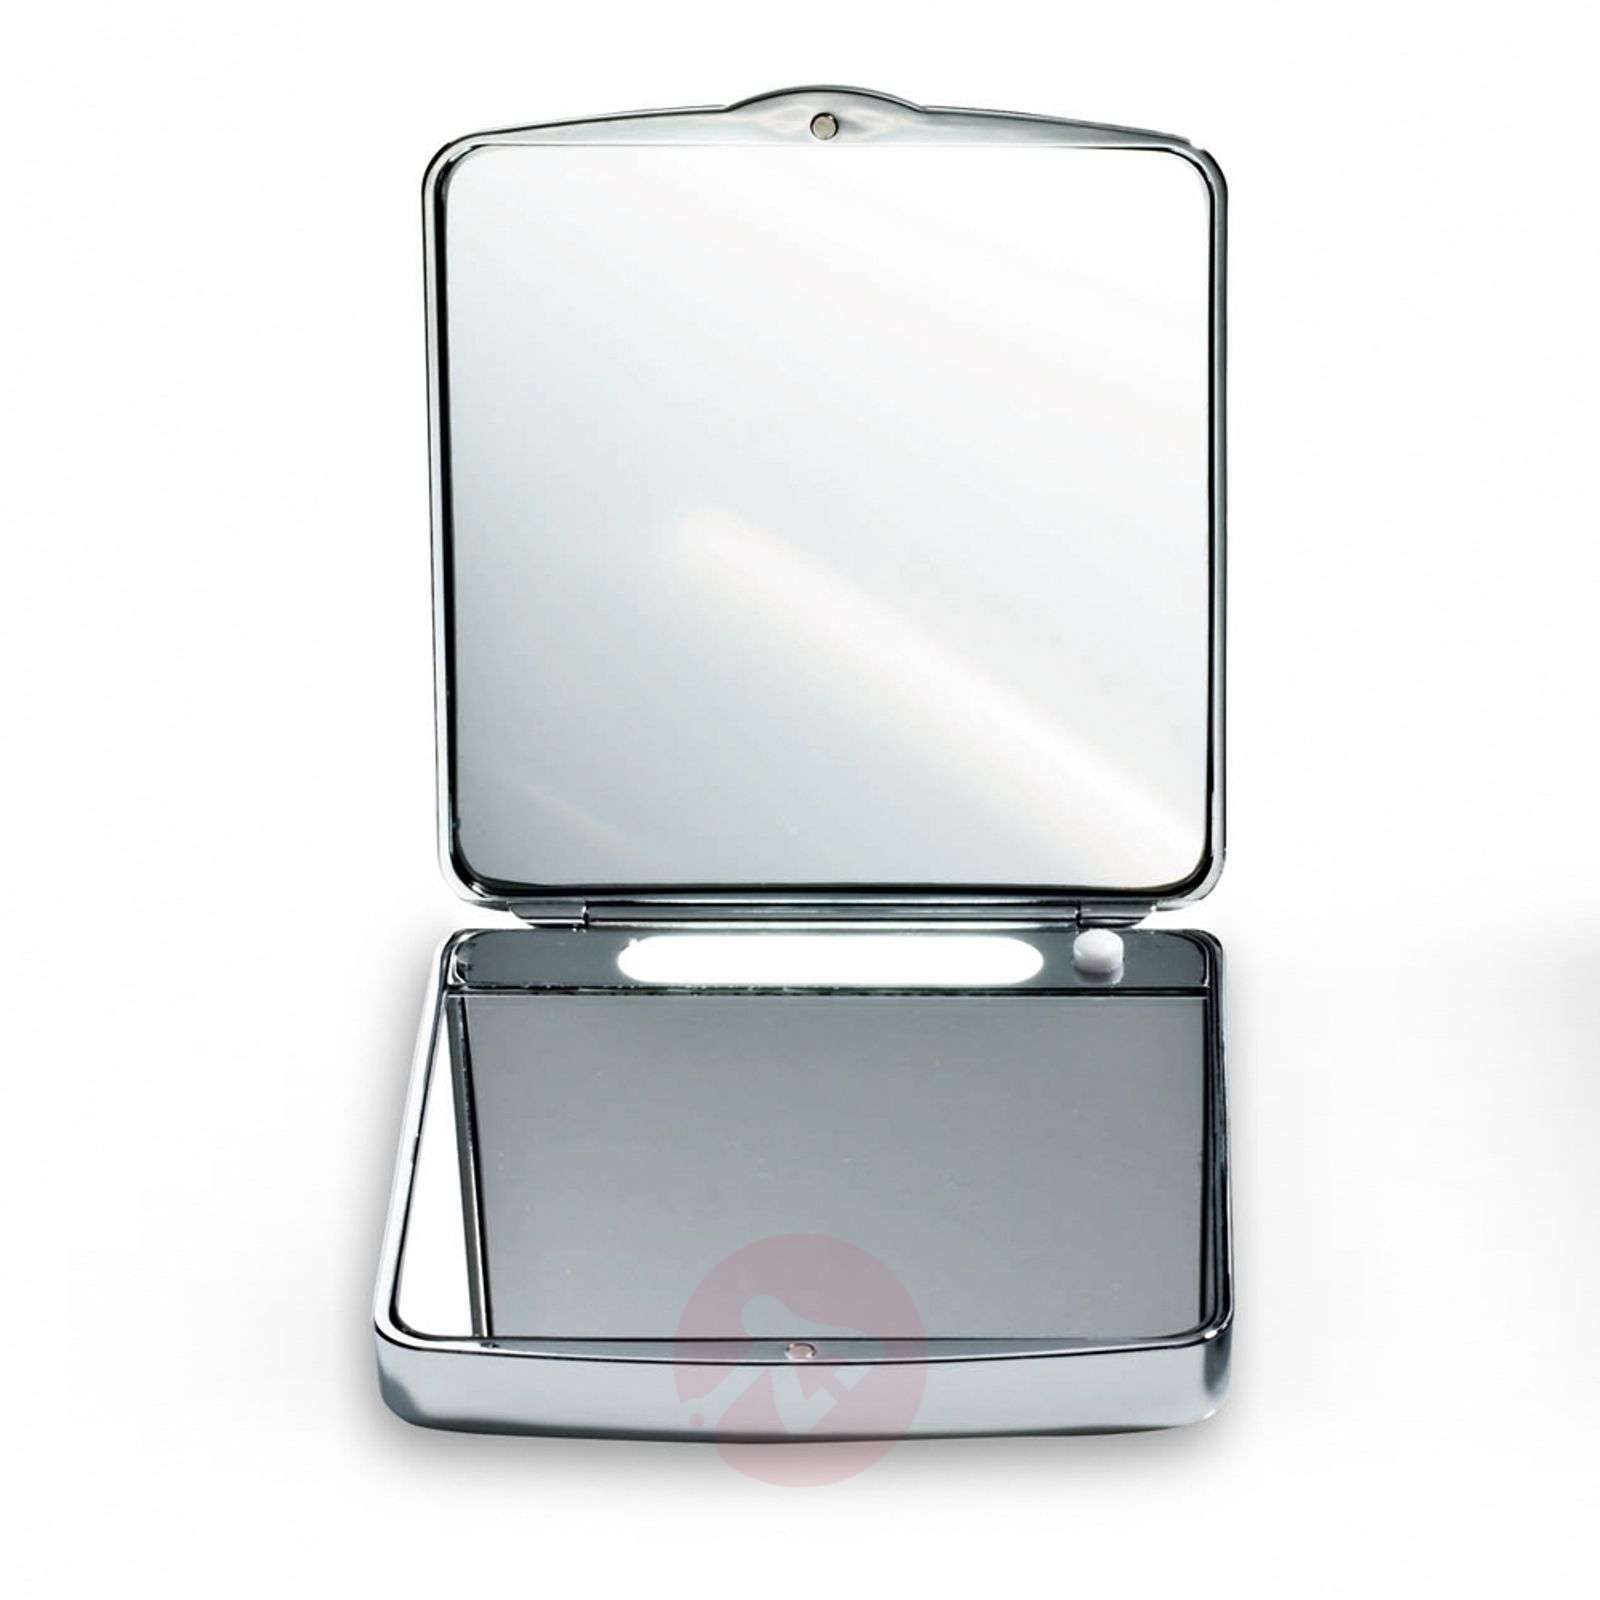 TS 1 illuminated pocket mirror-2504356-01